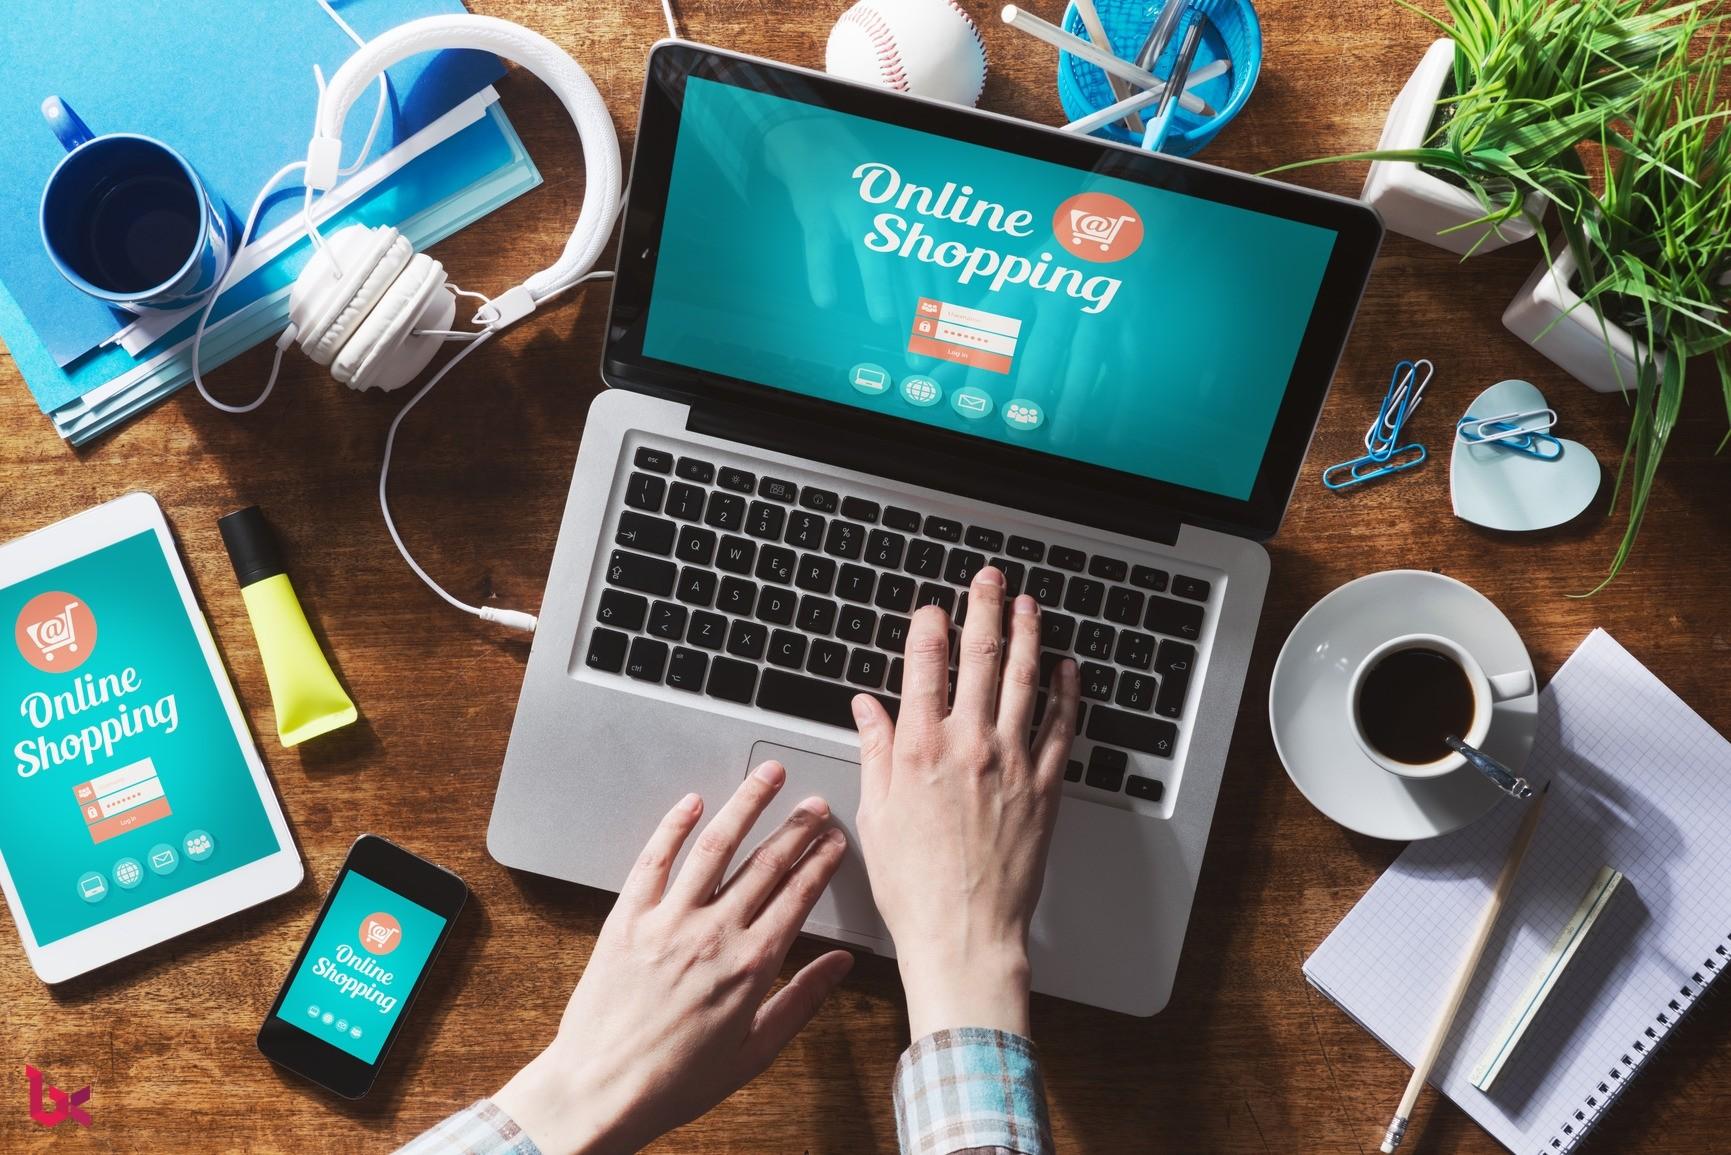 Barang elektronik yang sering dicari online dating